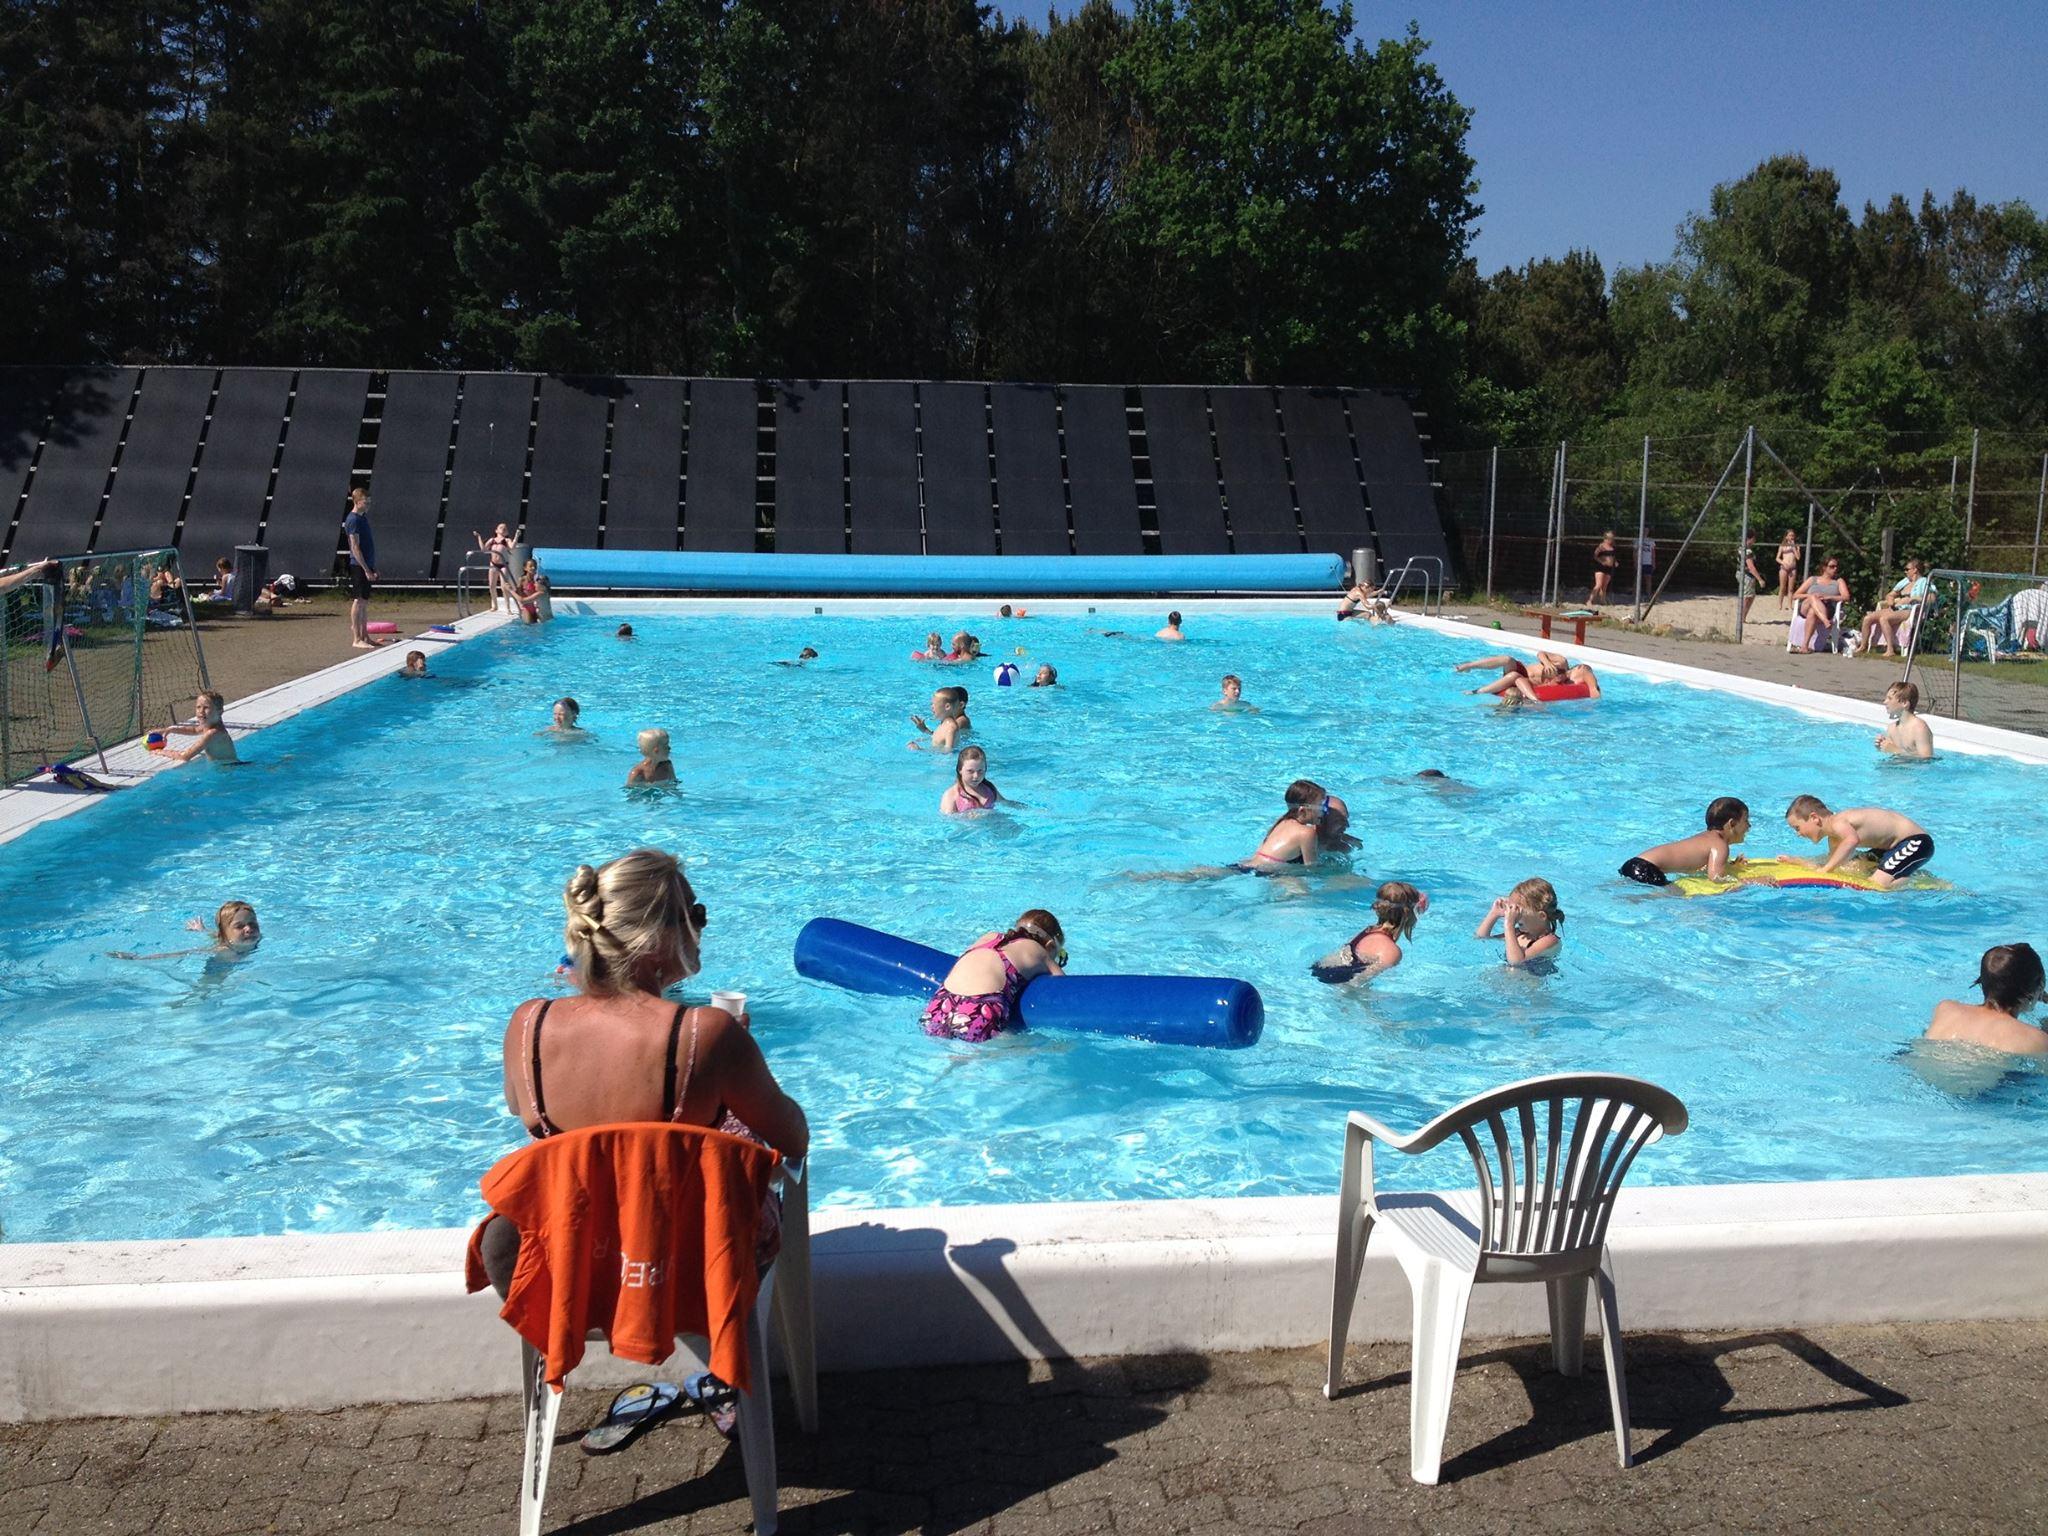 Svømmebadet åbner 22/5-21 kl 13:00